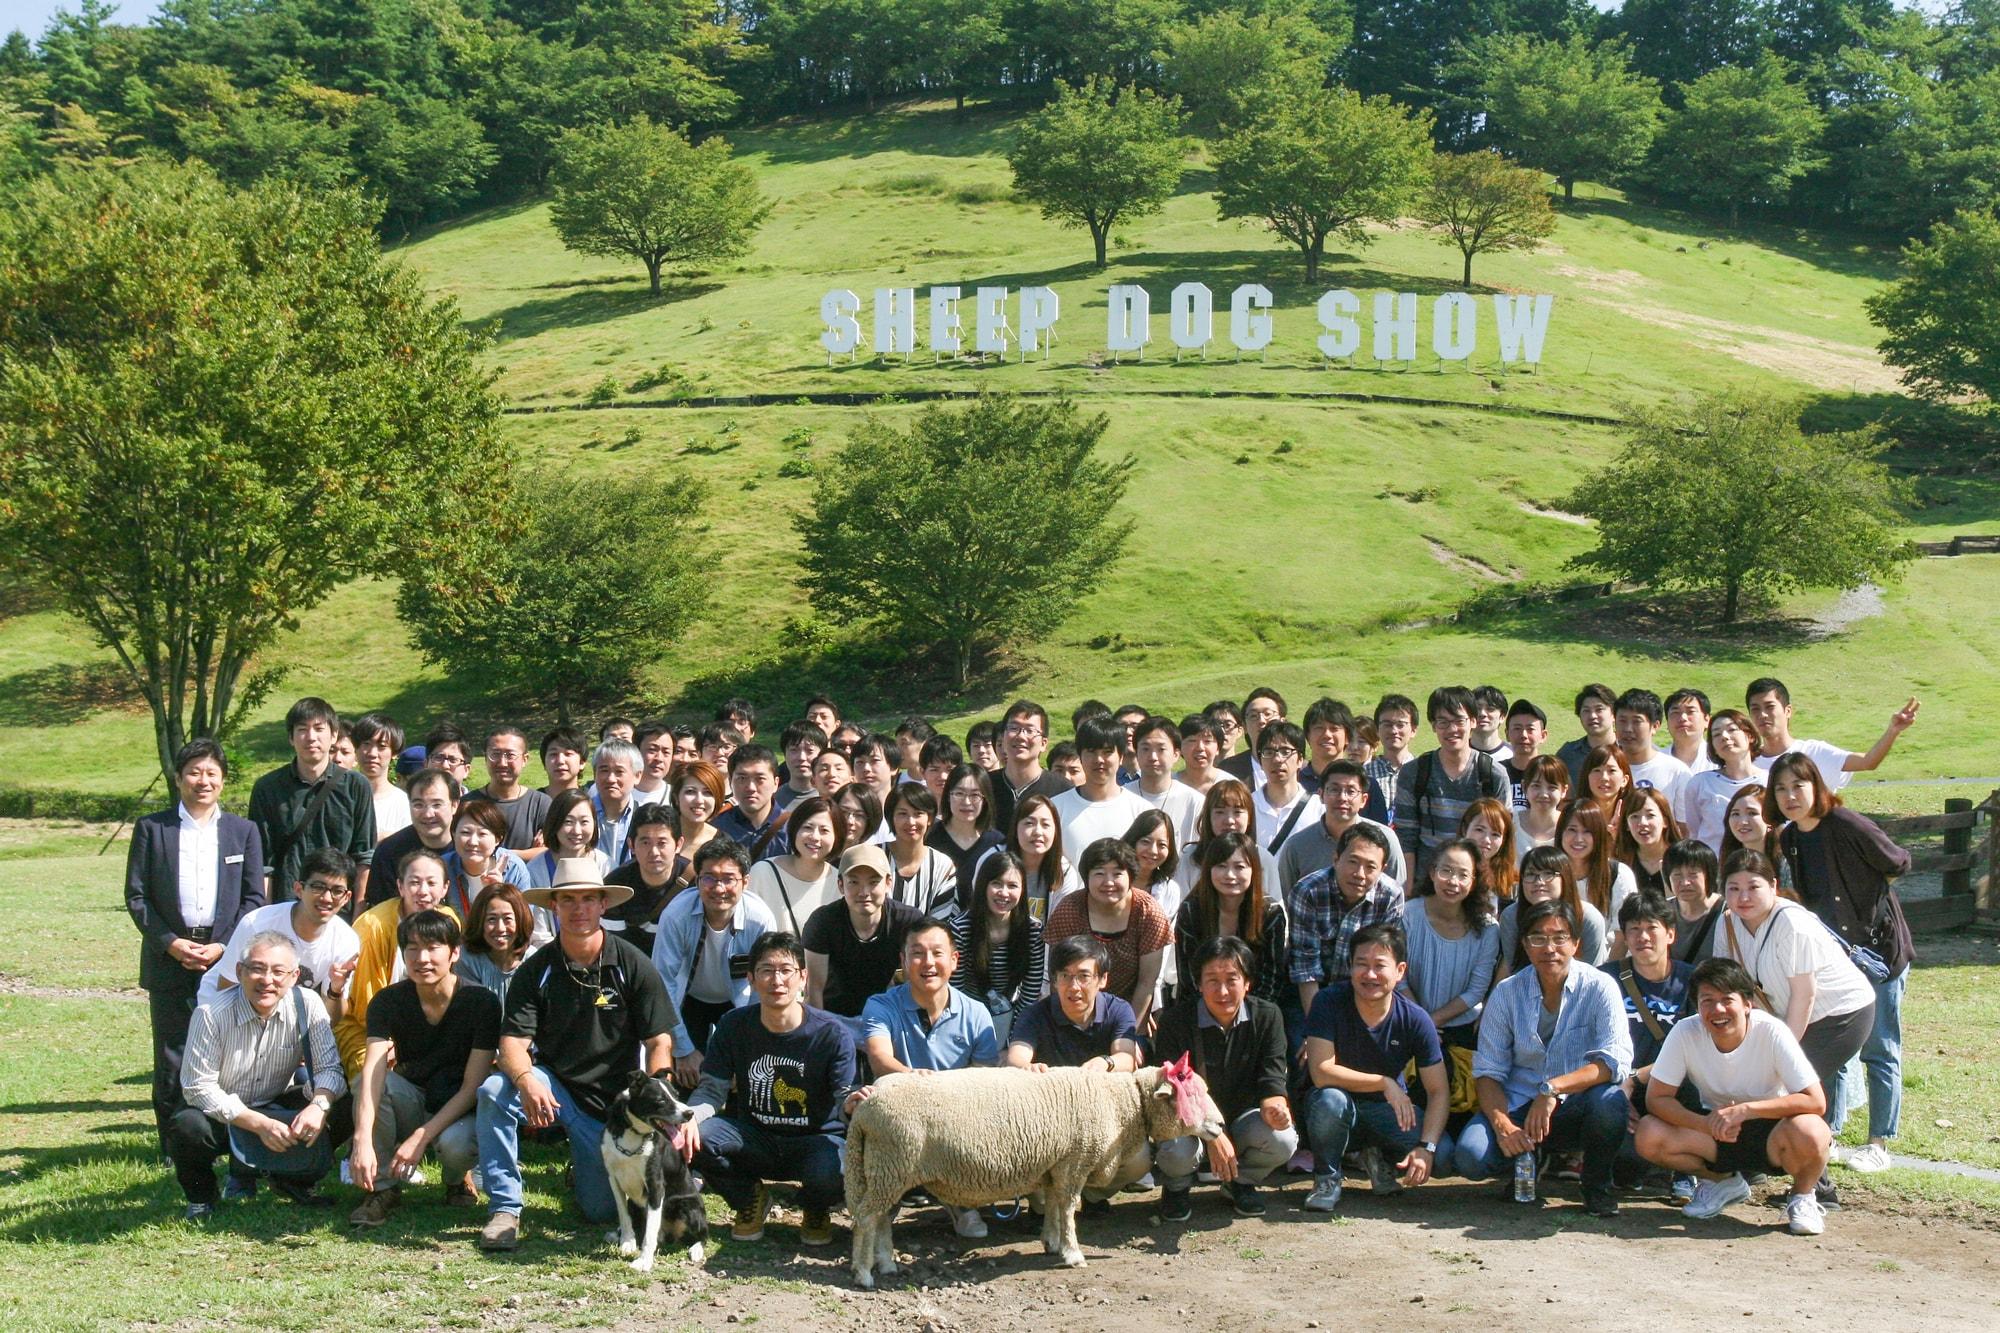 2019年の社員旅行の集合写真。軽井沢の伊香保グリーン牧場にて。社員旅行はふだんなかなか会う機会のない大阪や長野と東京のメンバーが親睦を図る機会になっています。